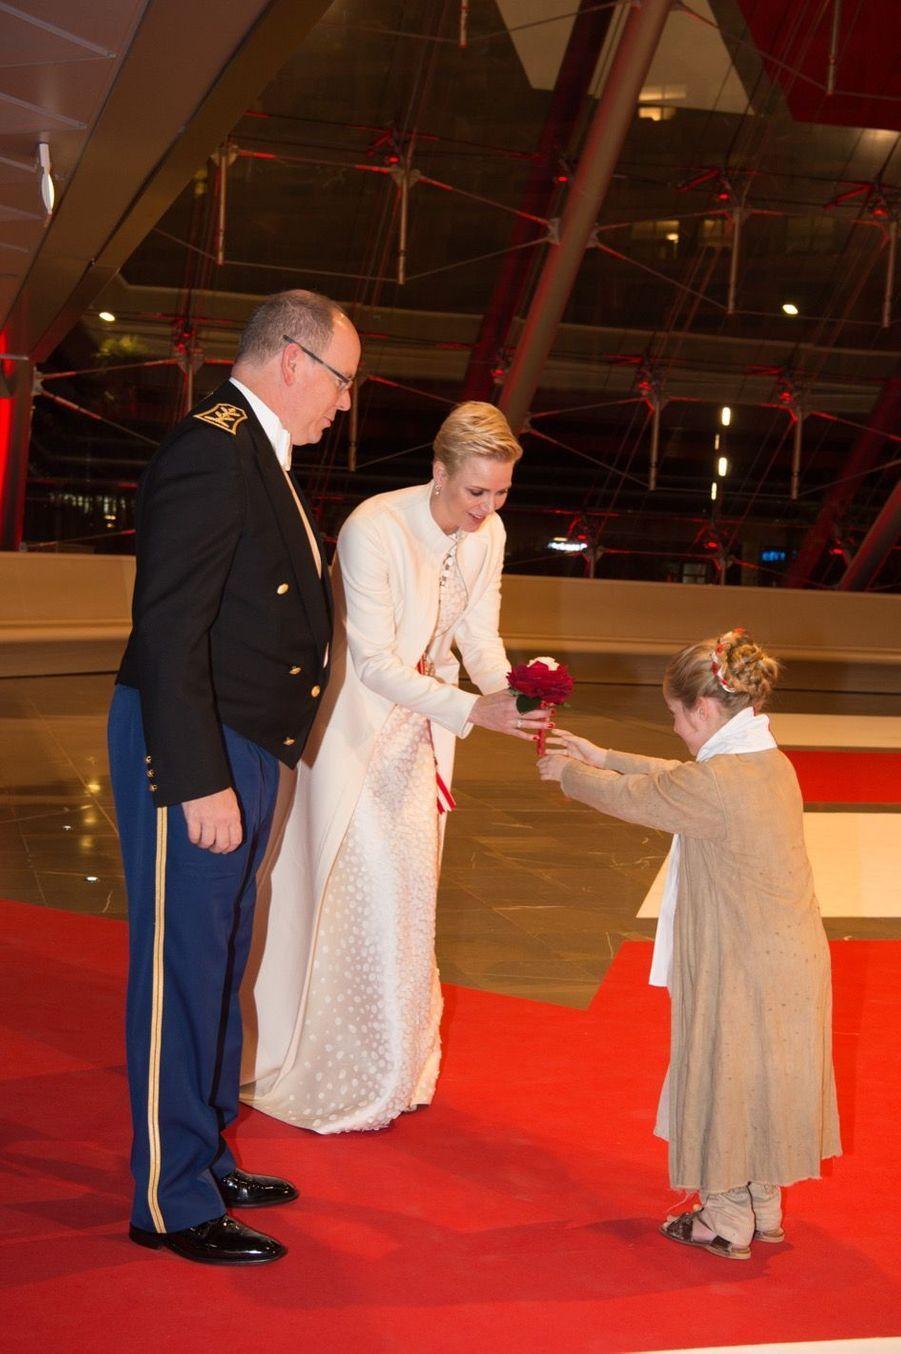 Soirée De Gala Au Grimaldi Forum Lors De La Fête Nationale De Monaco